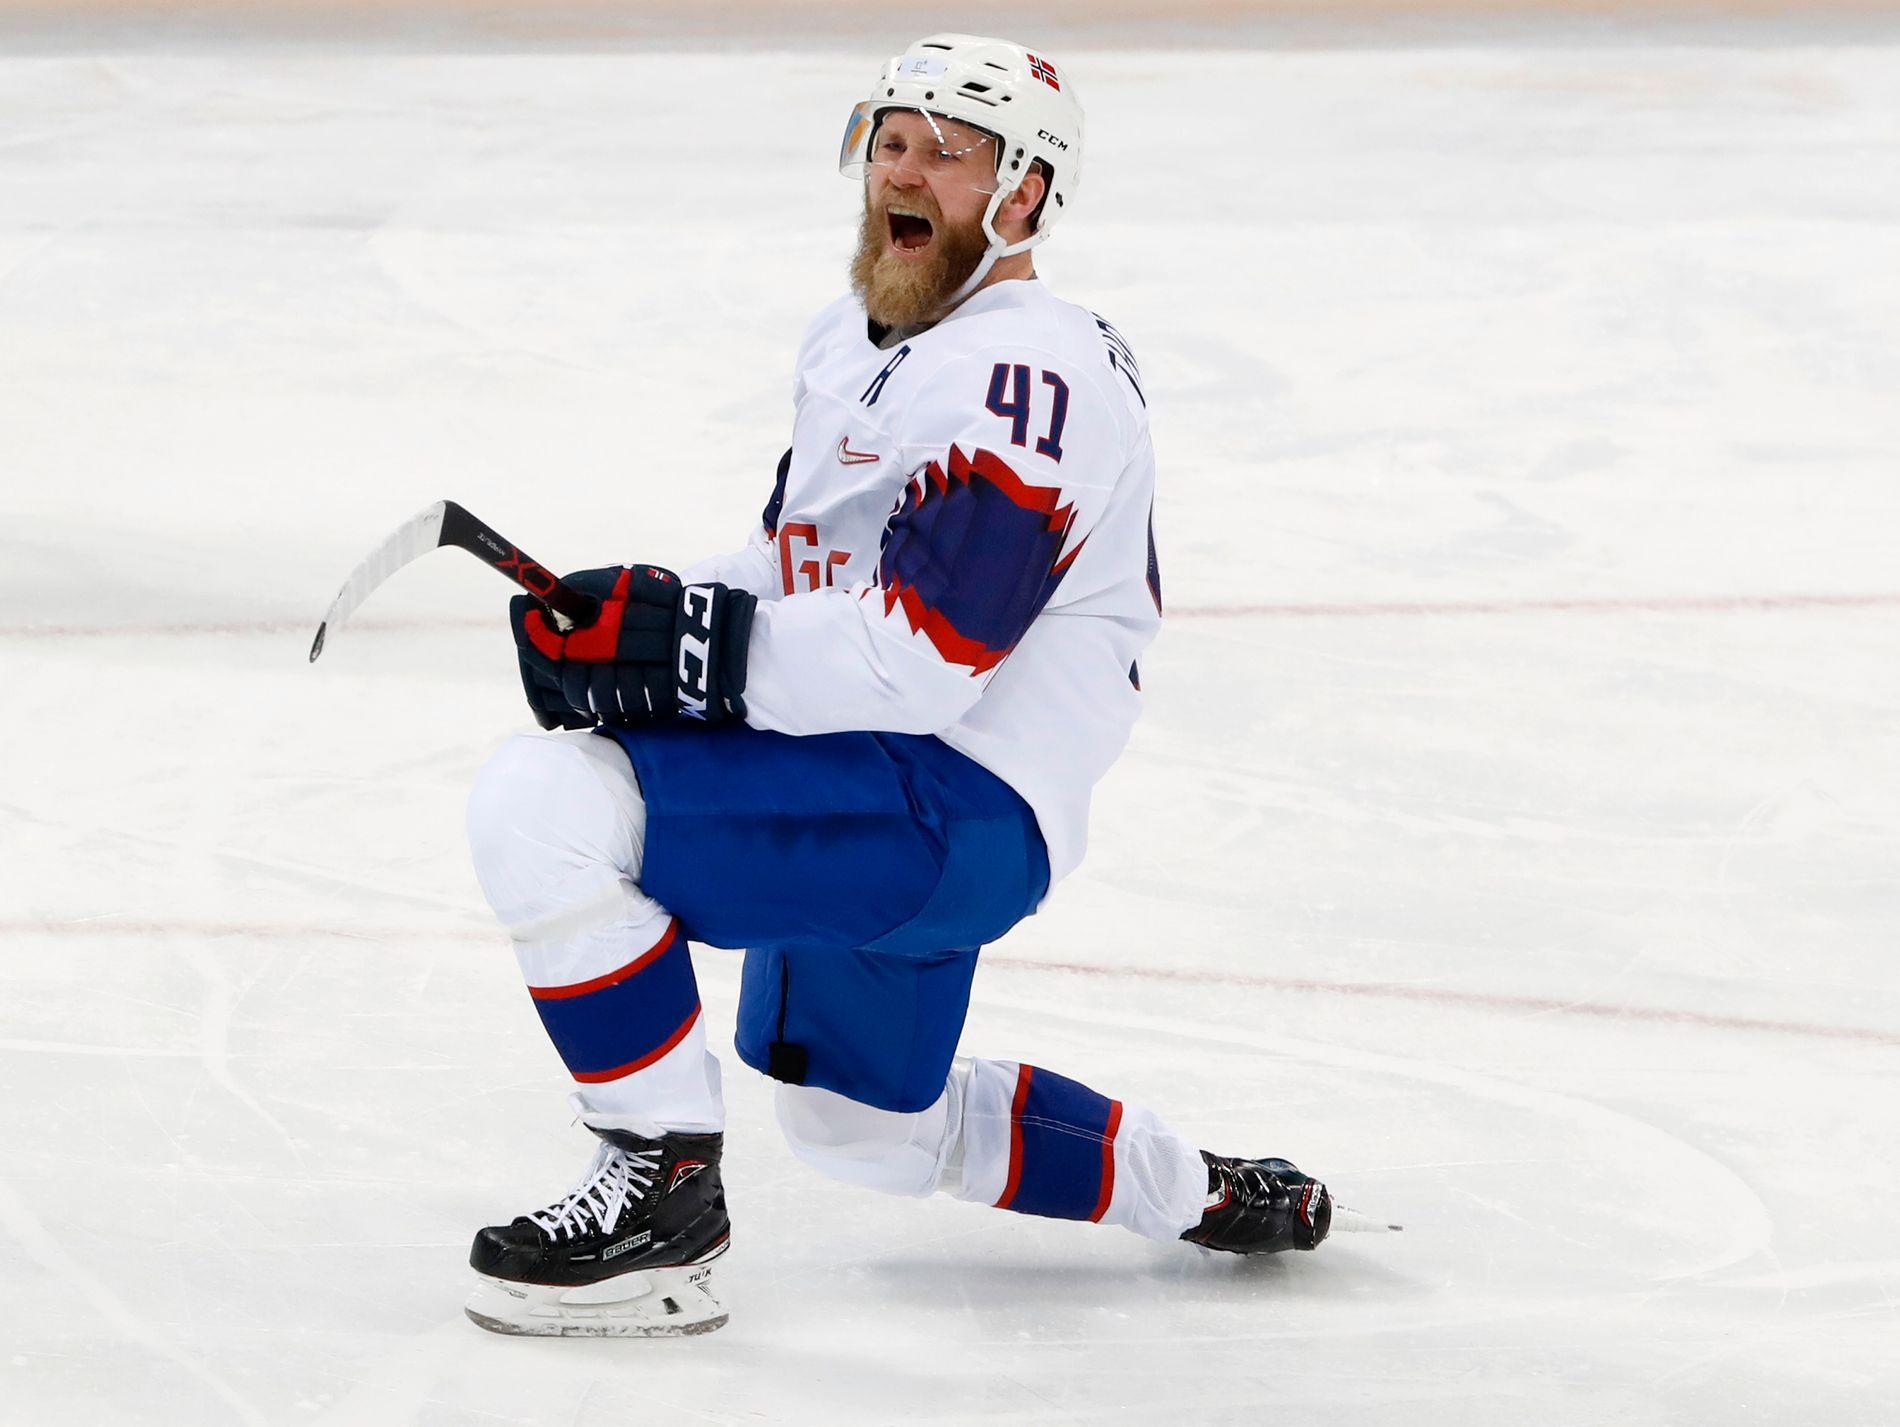 SAVNET: Patrick Thoresen (34) feirer sitt mål mot Finland i OL-turneringen i Pyeongchang i februar. Nå har en av tidenes beste norske spillere takket nei til ishockey-VM i mai.